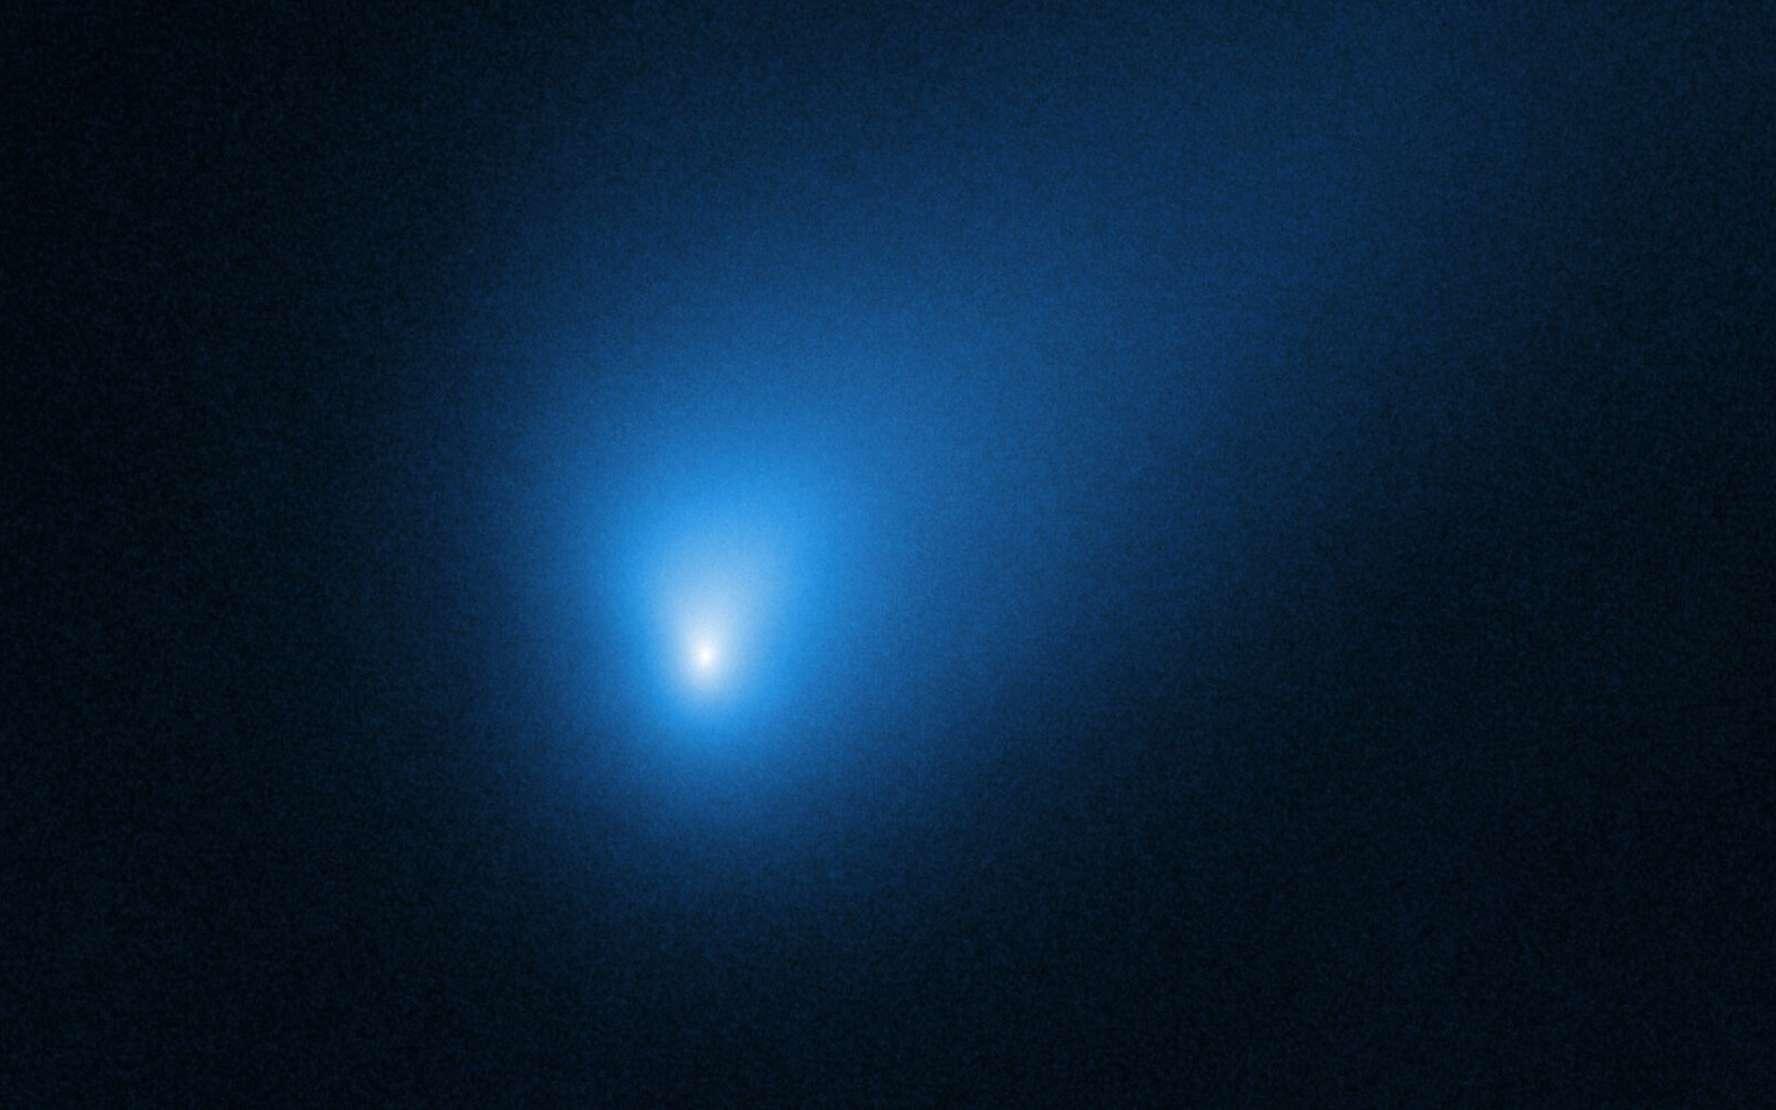 Portrait de la comète interstellaire 2I/Borisov par e télescope spatial Hubble. © Gemini Observatory, NSF, AURA